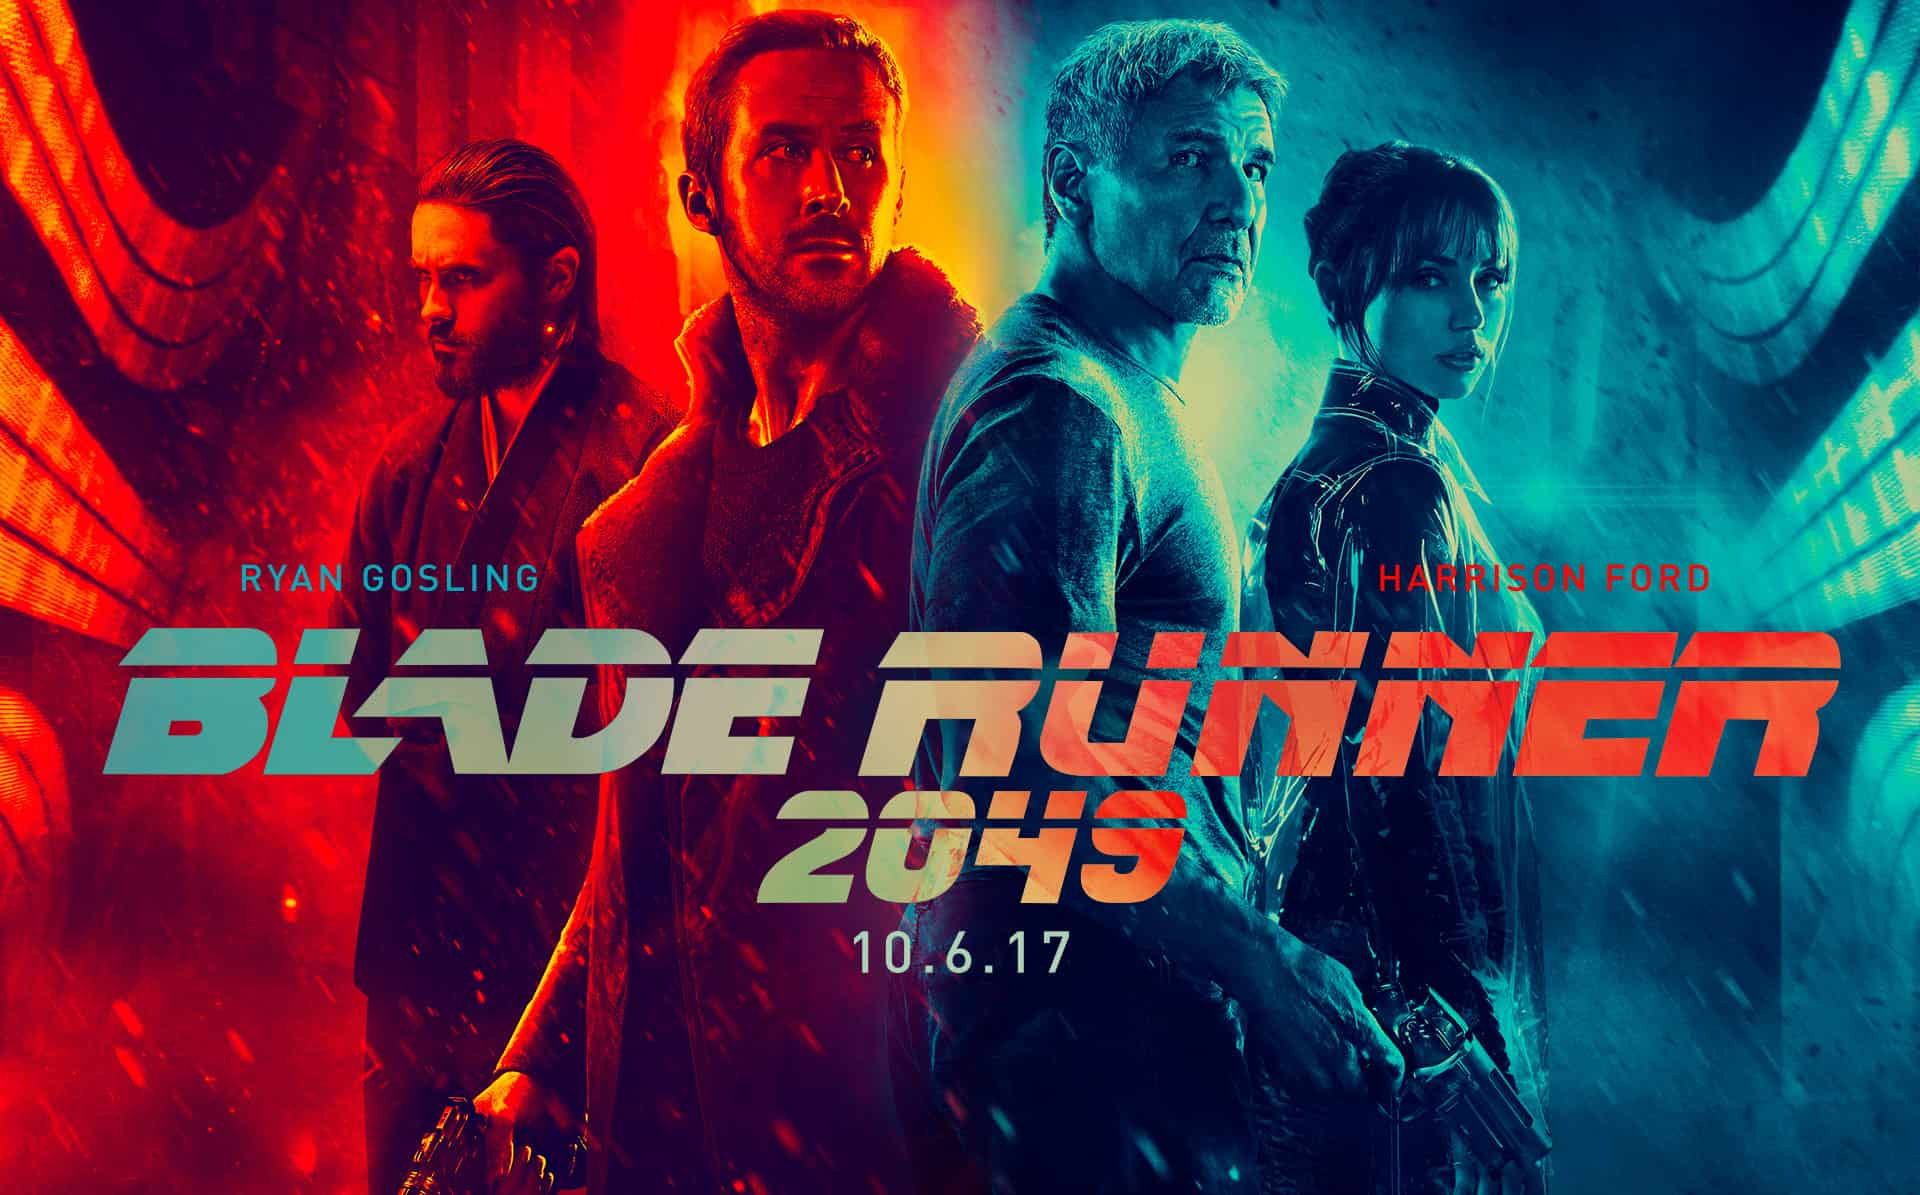 Blade Runner 2049 : notre avis sur un coup de génie bien au-delà du simple hommage